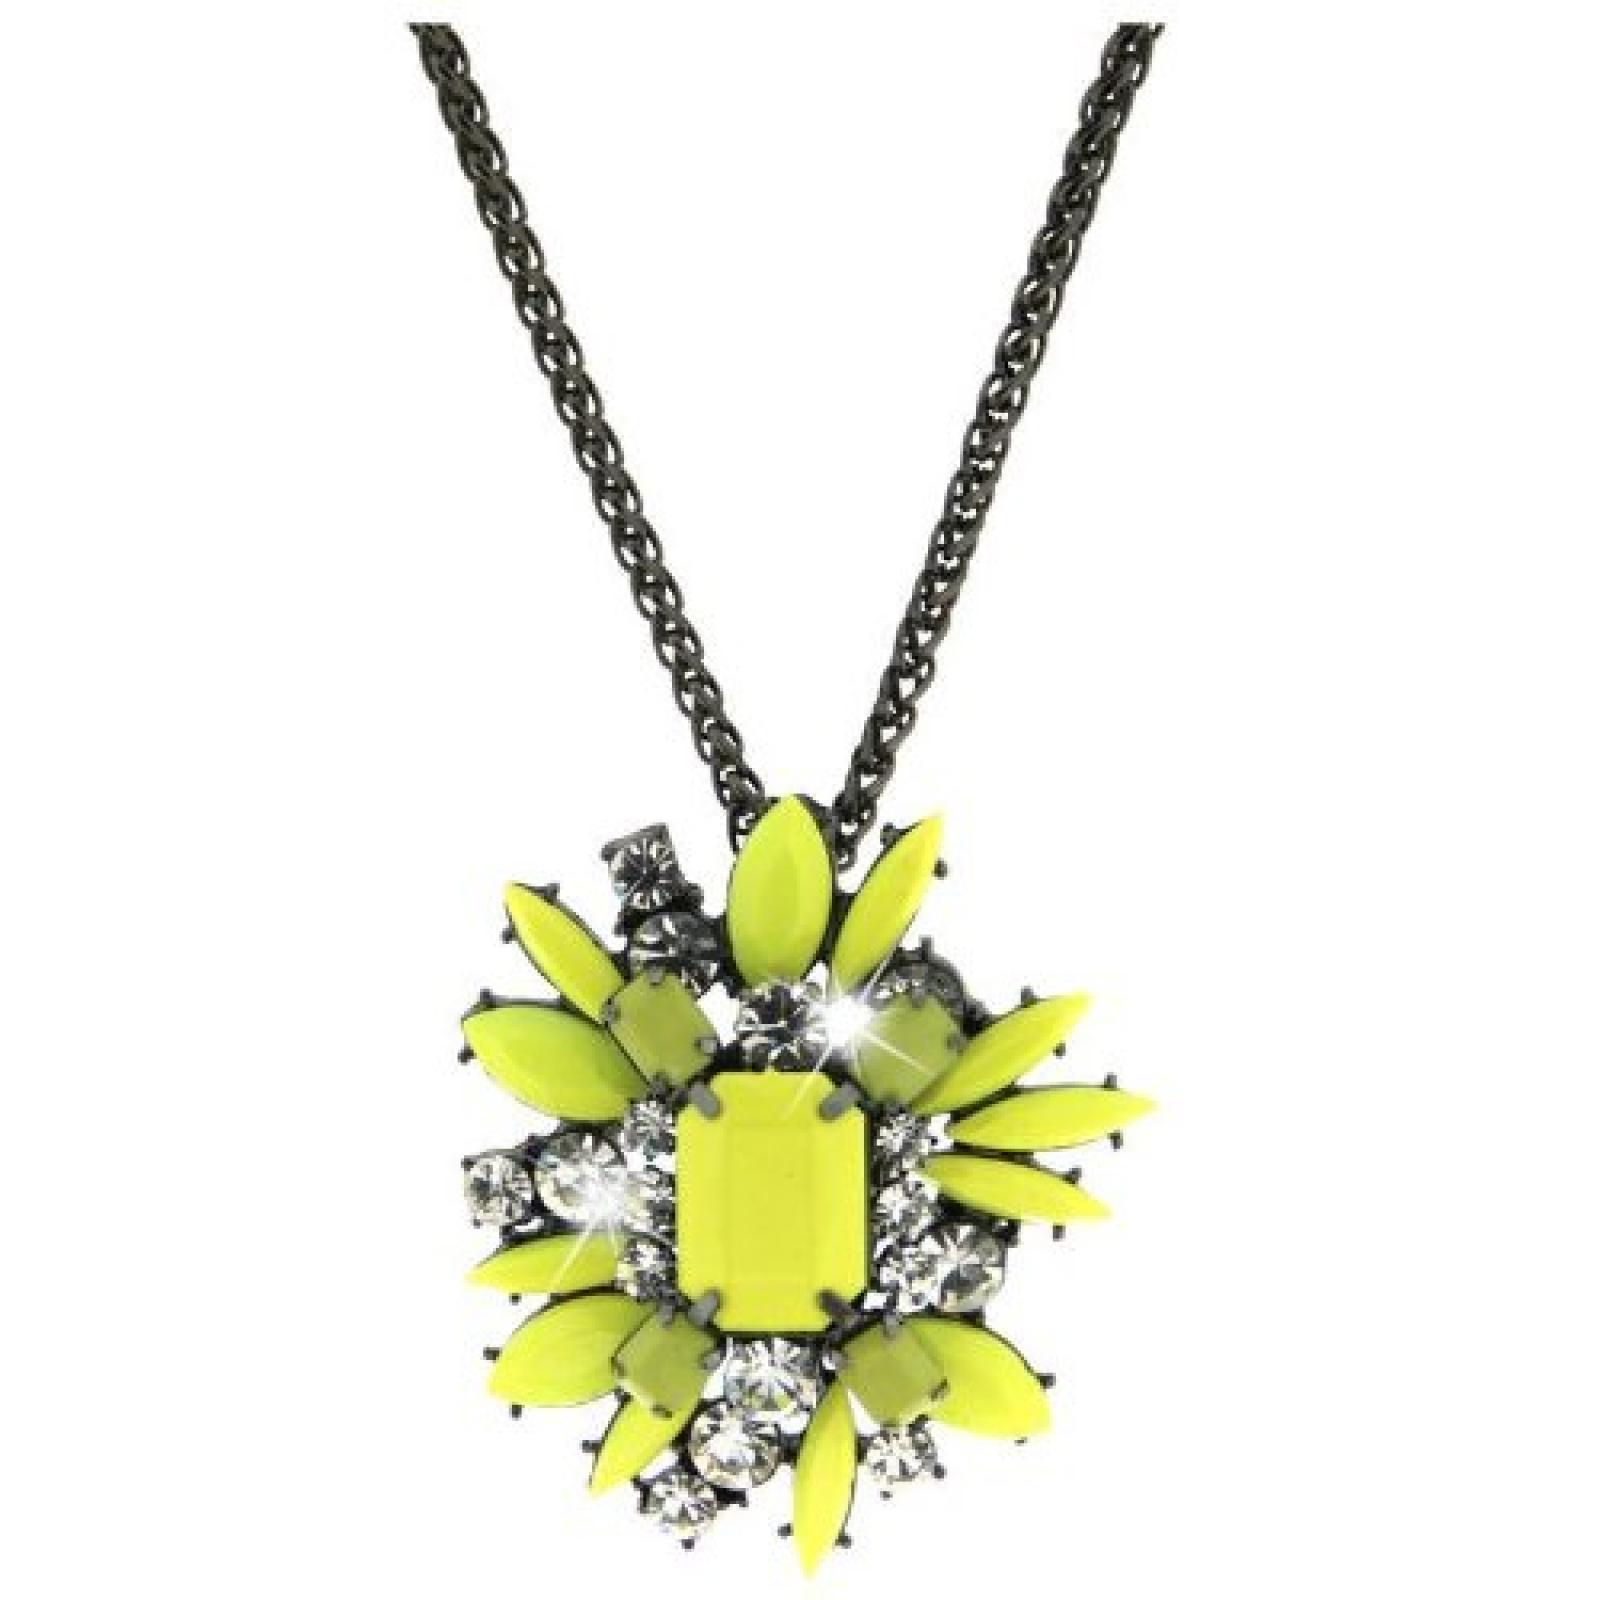 Sweet Deluxe Damen Halskette Metall rhodiniert Glas 45 cm gunmetal/grün/crystal 3073